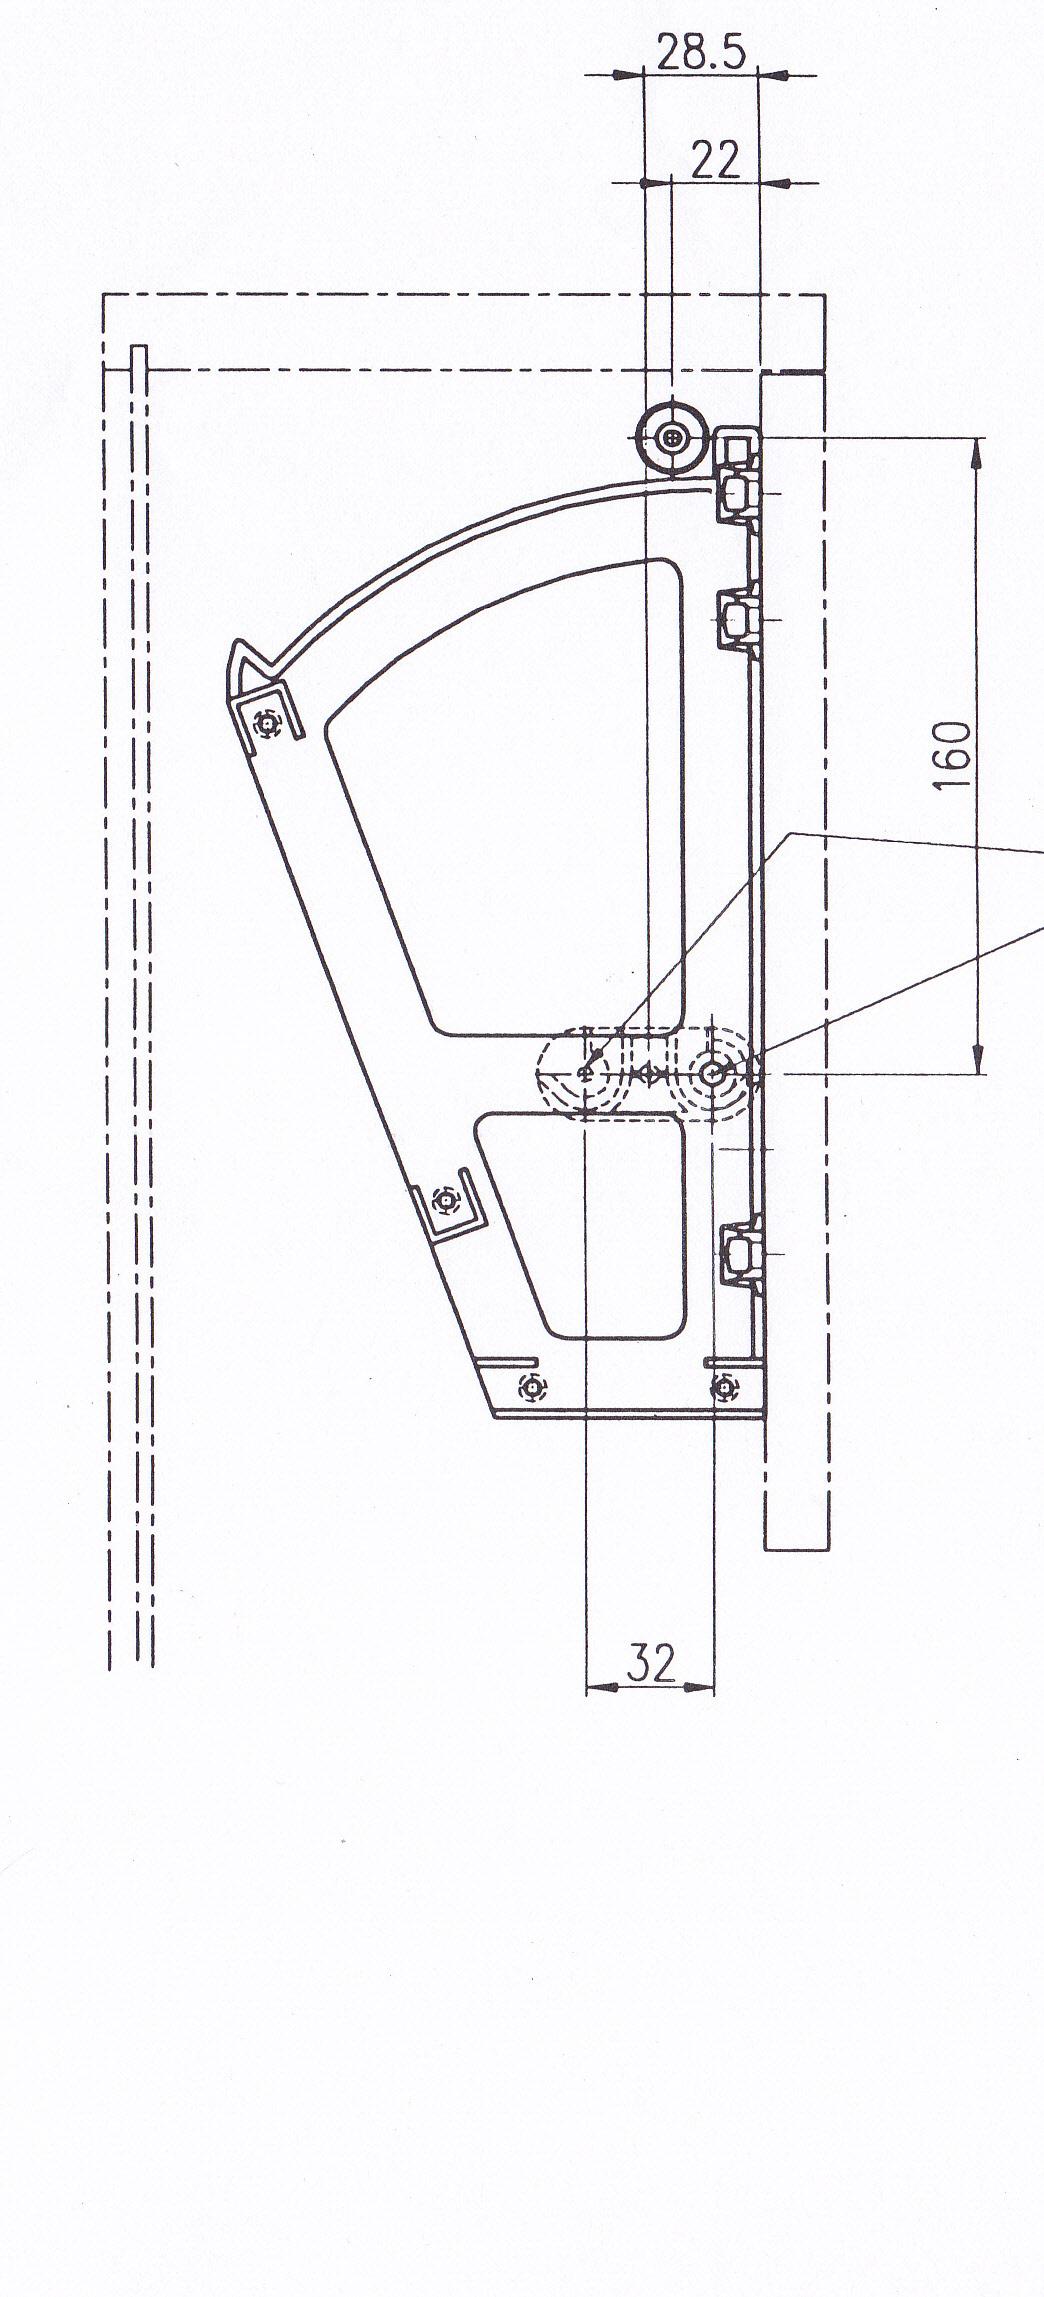 Plan De Meuble A Chaussures ferrure pivotante meuble a chaussures (1) 1c4